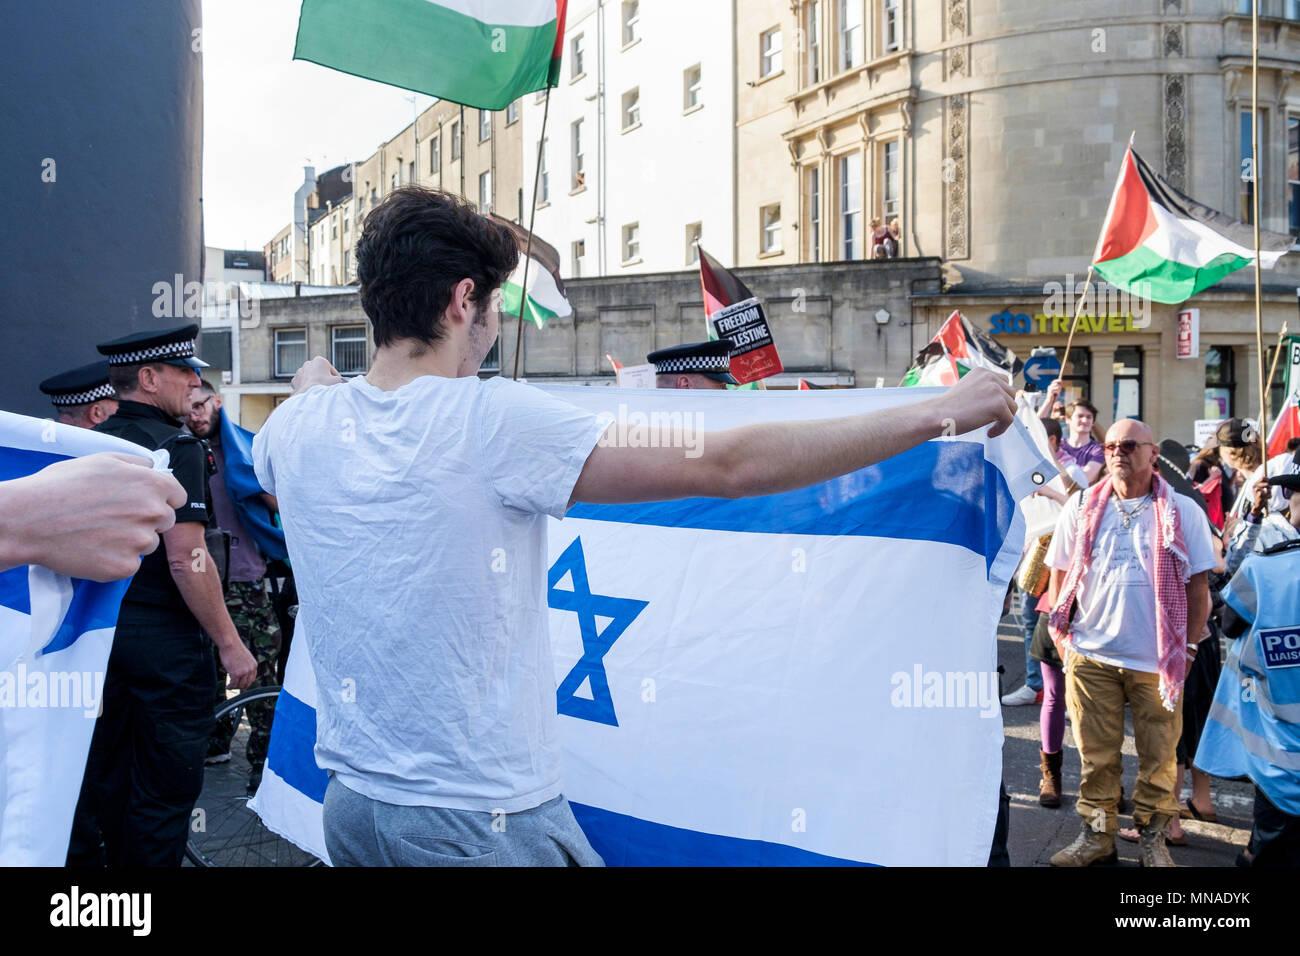 Bristol, Reino Unido. El 15 de mayo, 2018. Un pequeño grupo de seguidores Pro-Israel llevando la bandera israelí son considerados como enfrentar Pro-Palestinian manifestantes que participaban en una marcha de protesta a través de Bristol para mostrar su solidaridad con el pueblo palestino. La marcha de protesta y rally se celebró para permitir a la gente a mostrar su apoyo y solidaridad con el pueblo palestino después de 70 años de Nakba y protestar contra las recientes acciones de Israel en Gaza Crédito: lynchpics/Alamy Live News Imagen De Stock